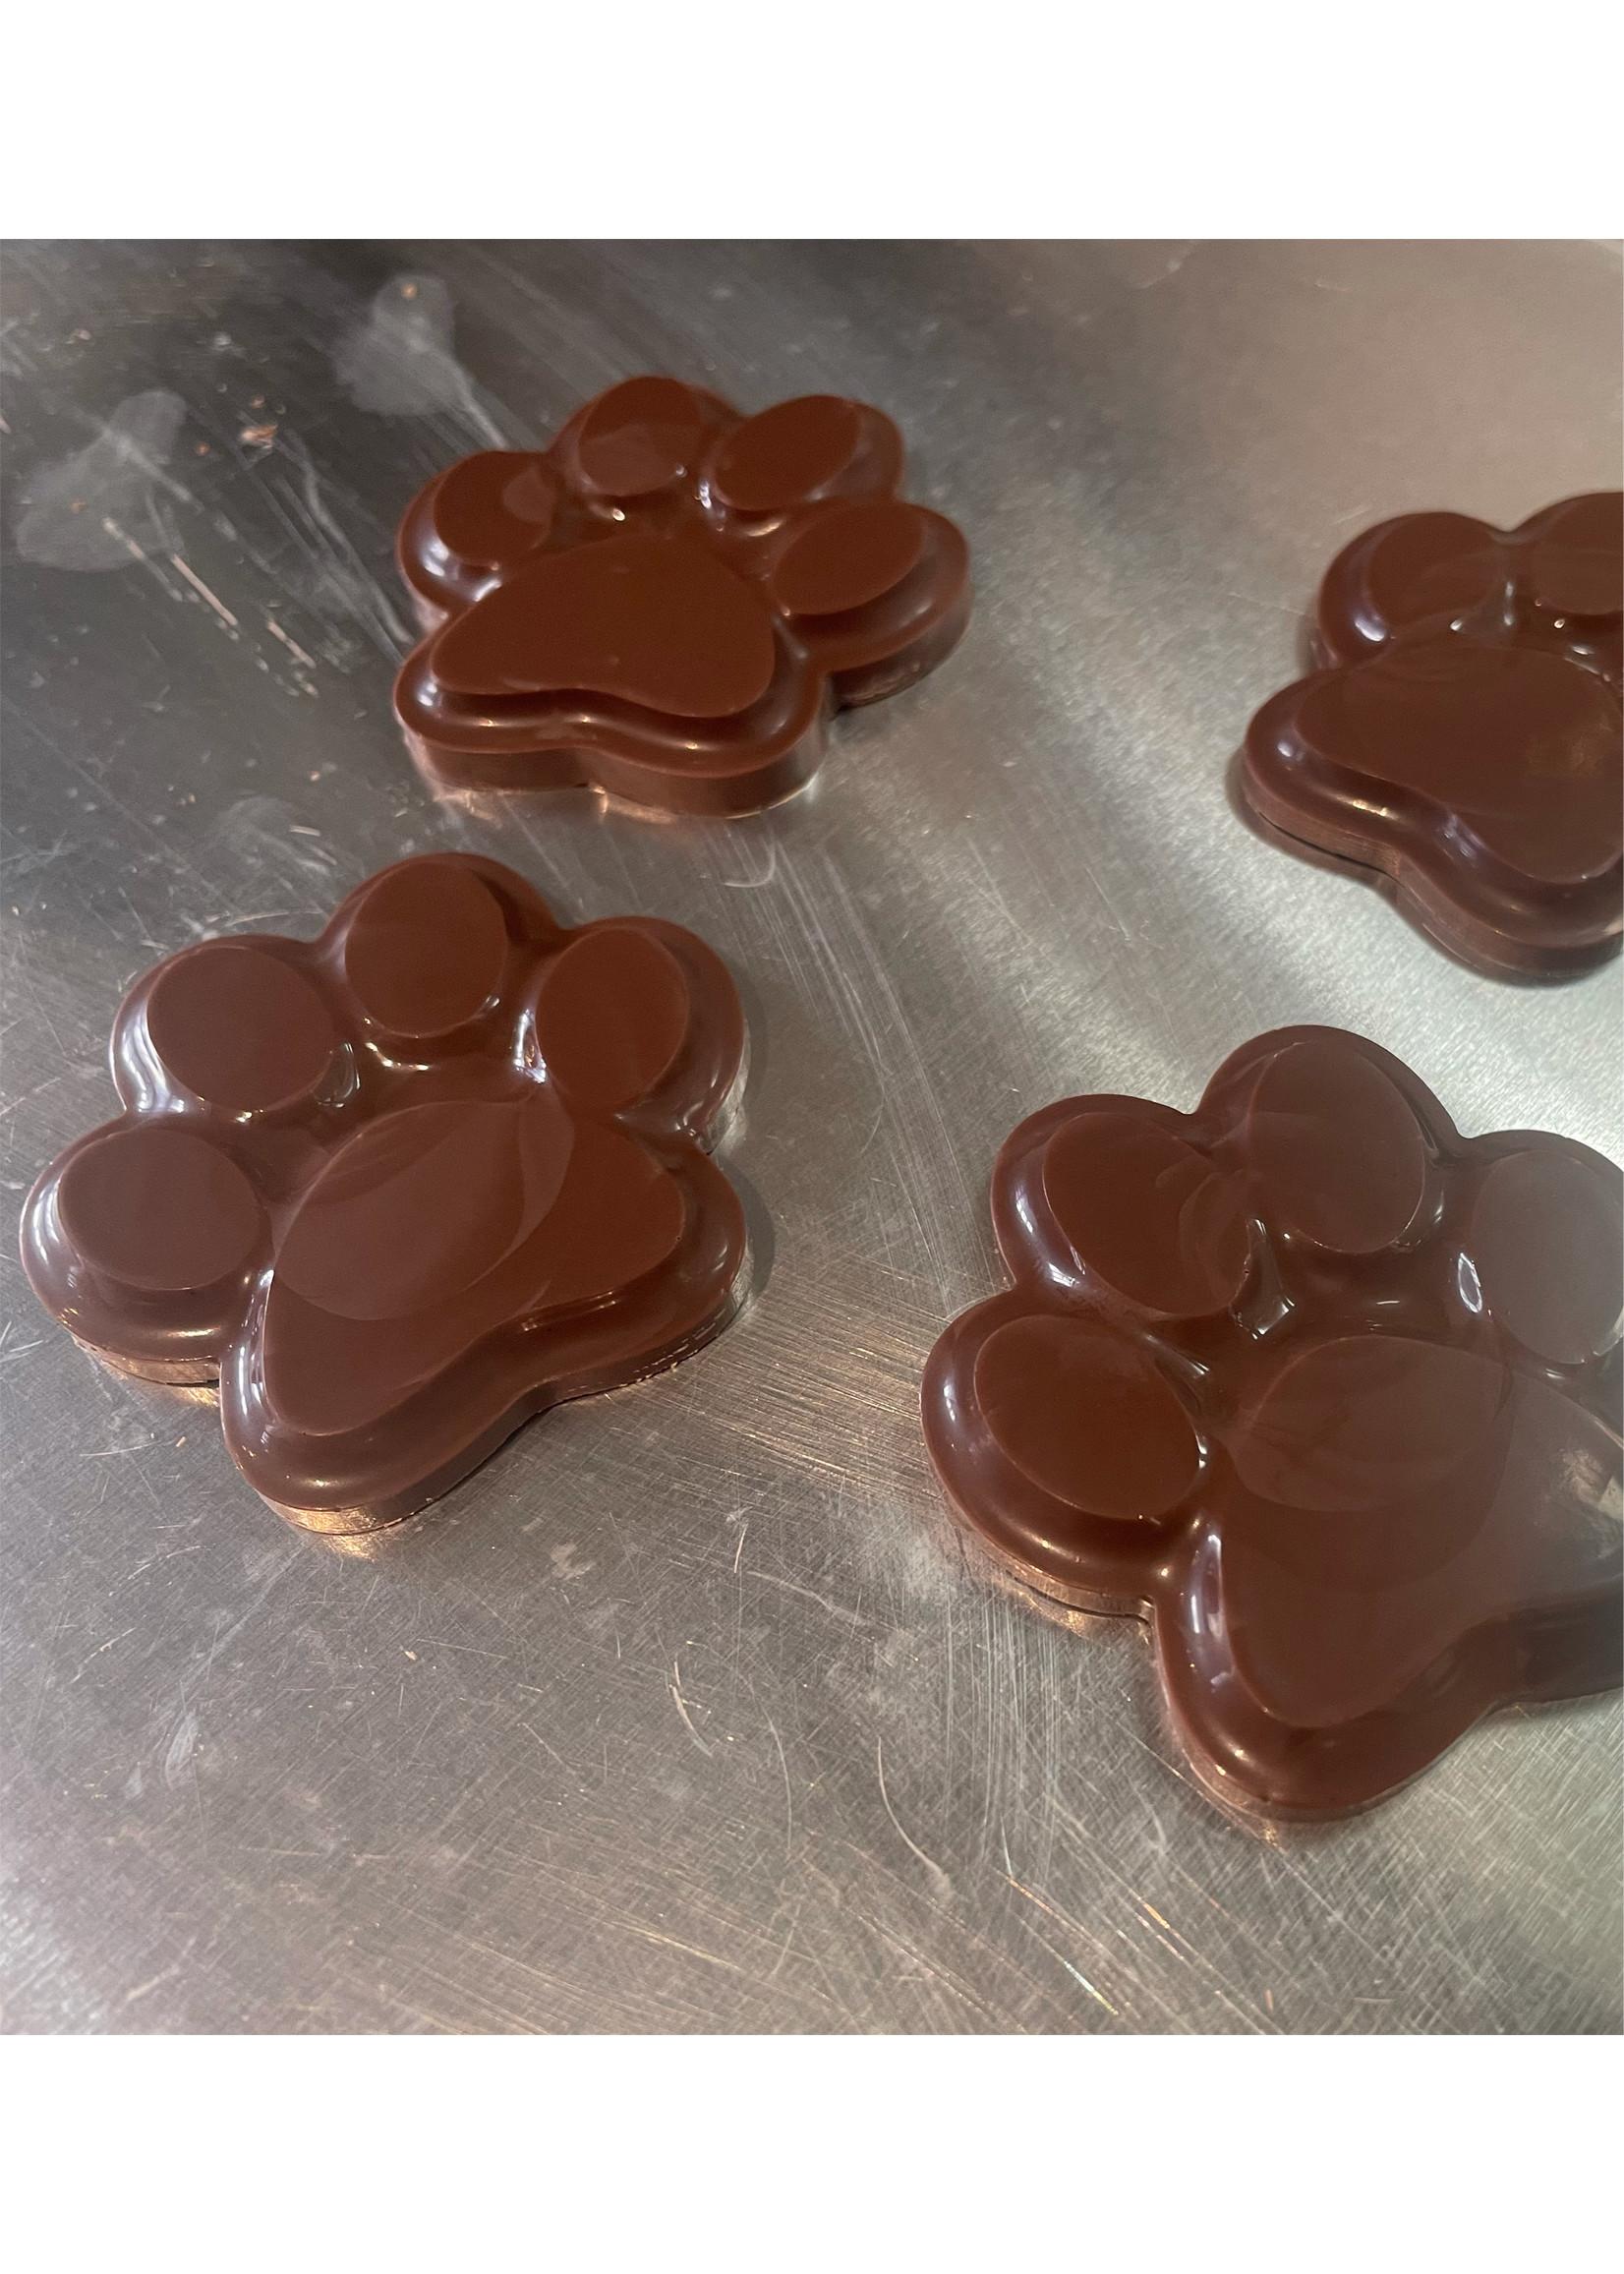 Hondenpootjes van Chocolade